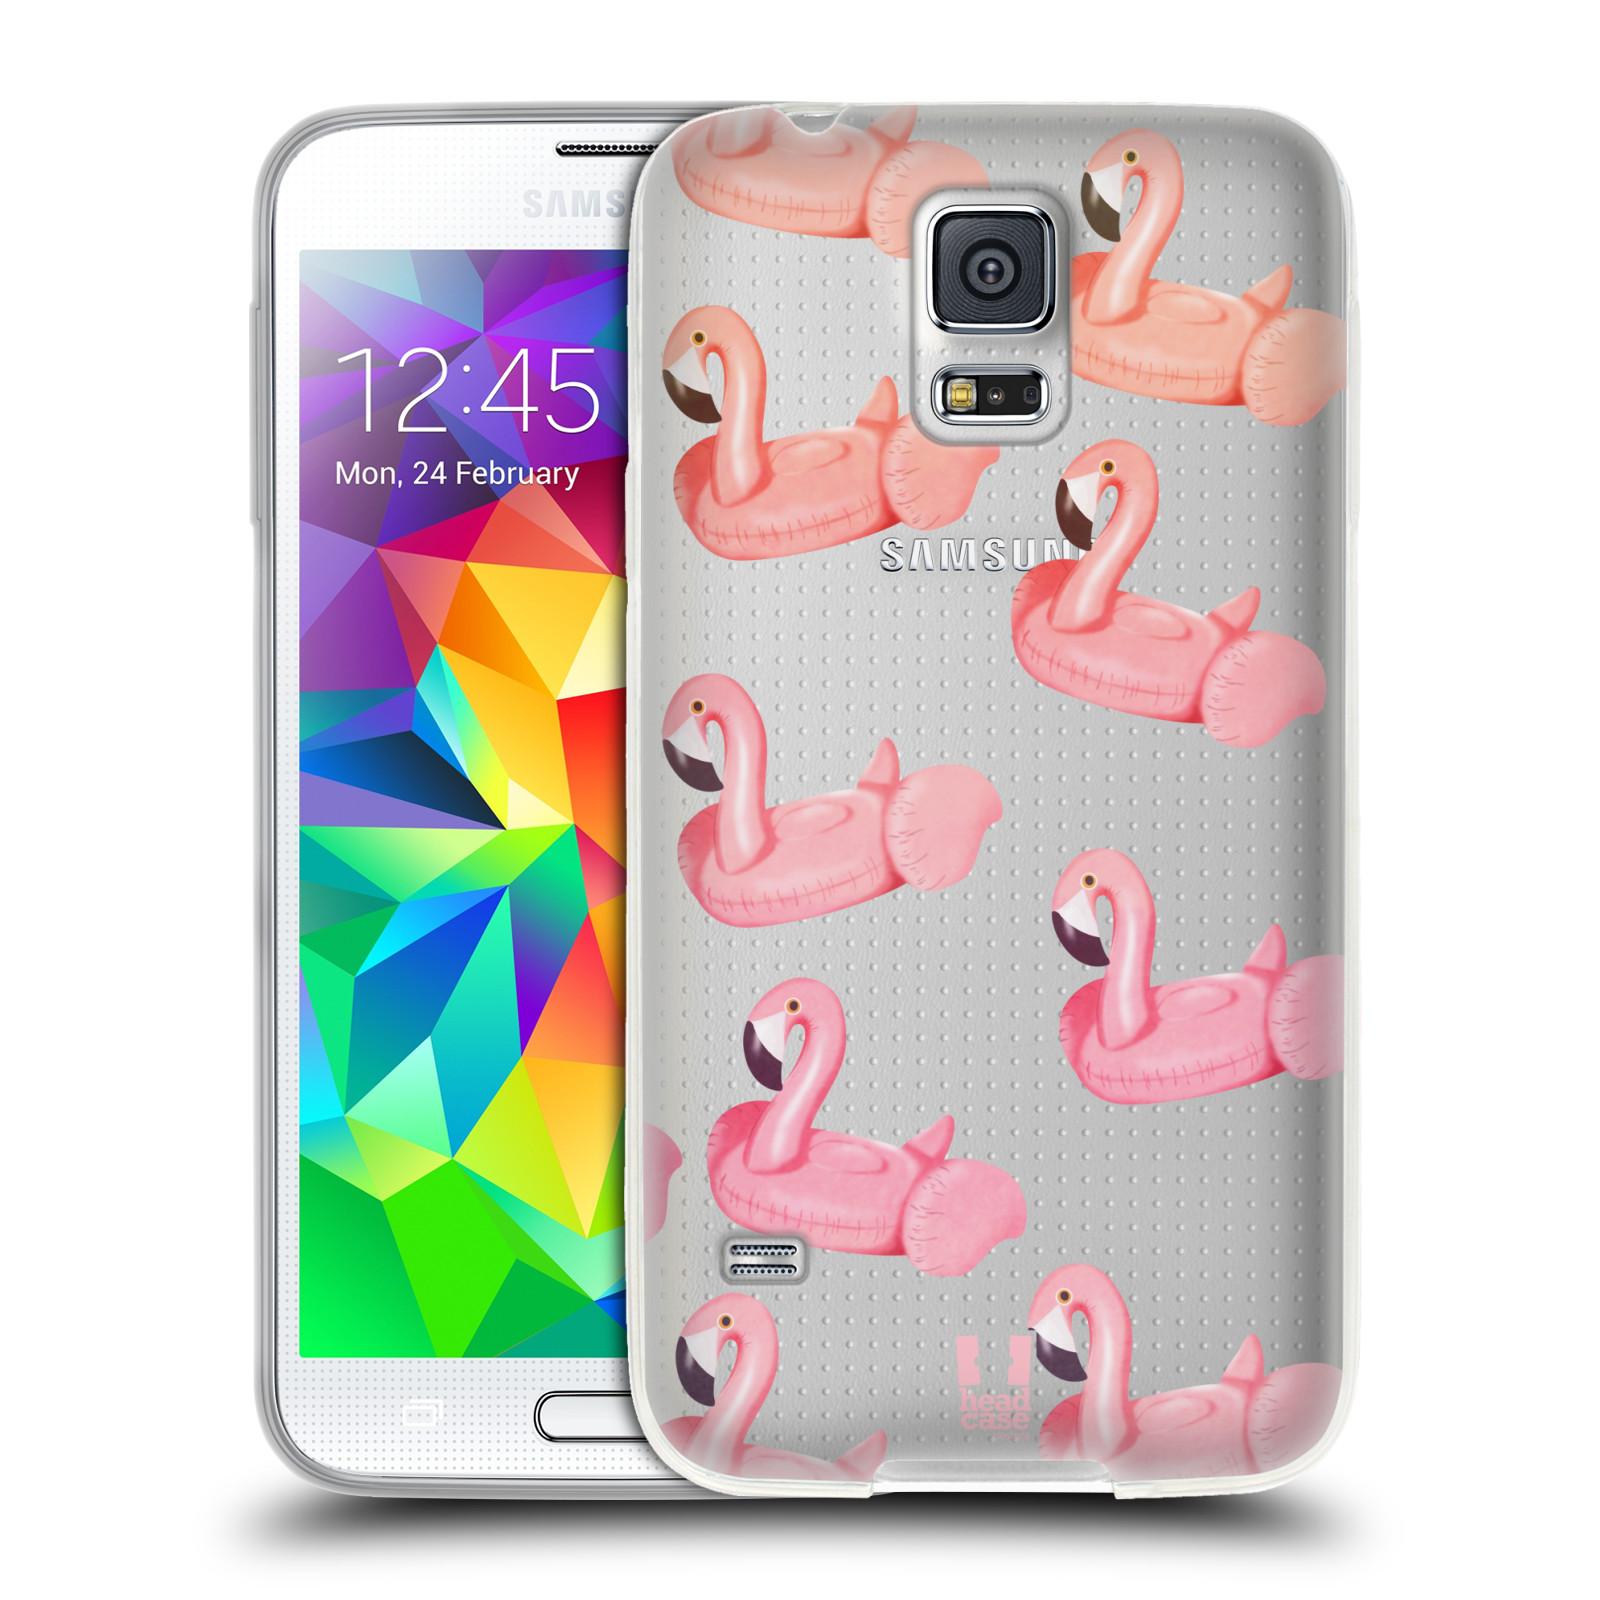 Silikonové pouzdro na mobil Samsung Galaxy S5 - Head Case - Kruh plaměňák